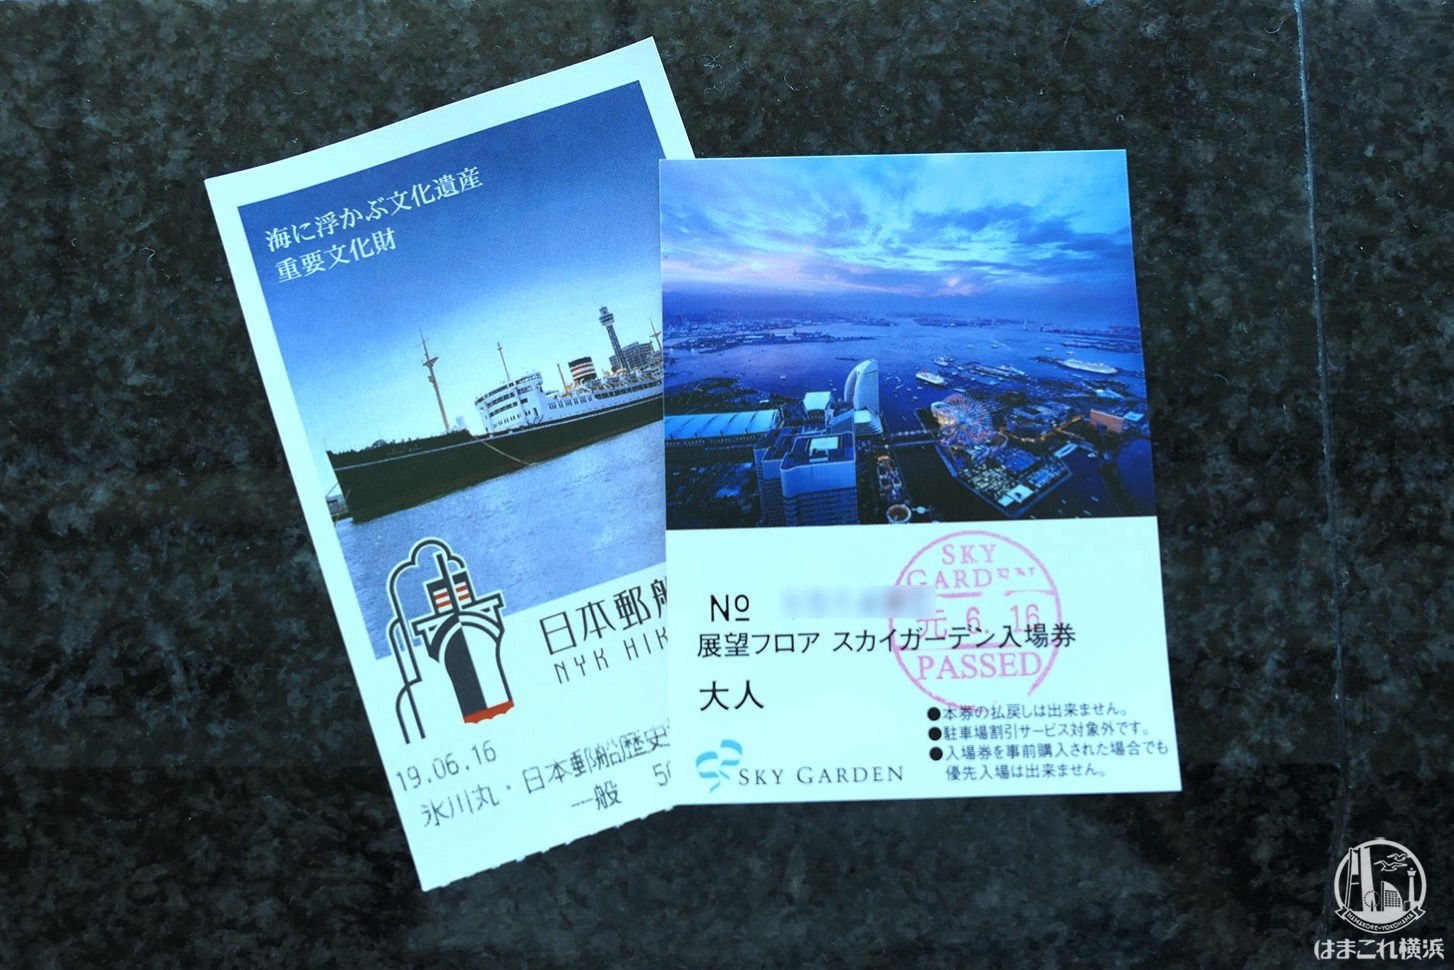 横浜ランドマークタワー展望フロア「スカイガーデン」入館チケット